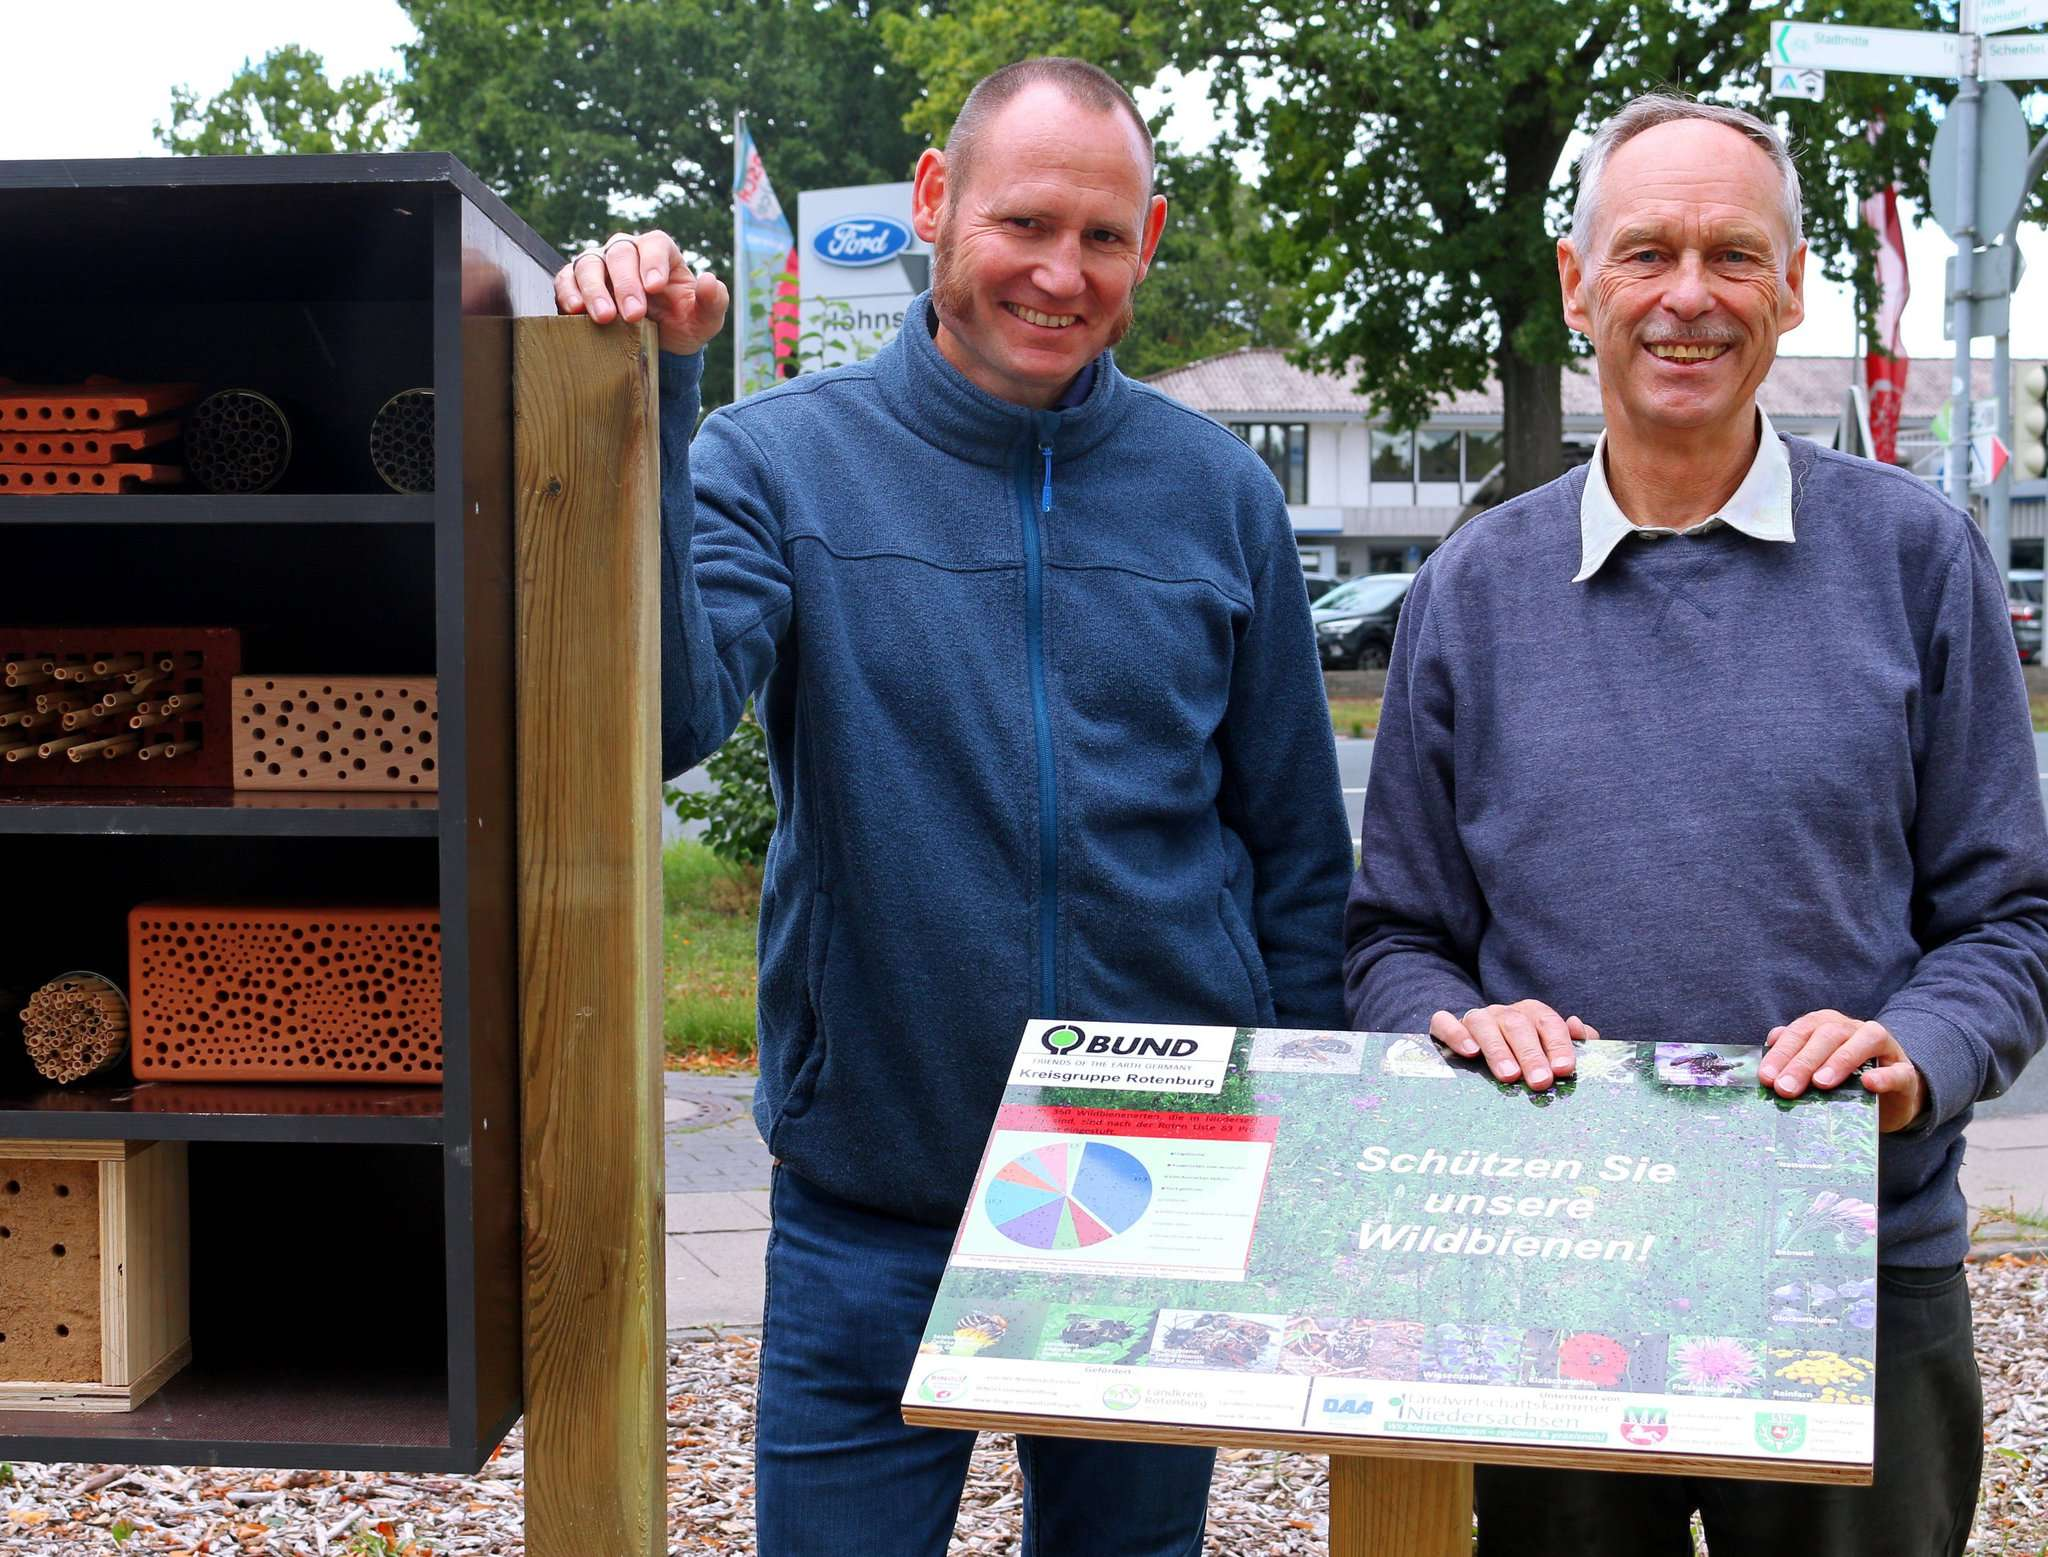 Manfred Radtke vom BUND Rotenburg (rechts) und Jens Gliessmann, Betriebsstättenleiter des Standorts der Lebenshilfe an der Brockeler Straße, bauten die Wildbienen-Nisthilfe zusammen auf.